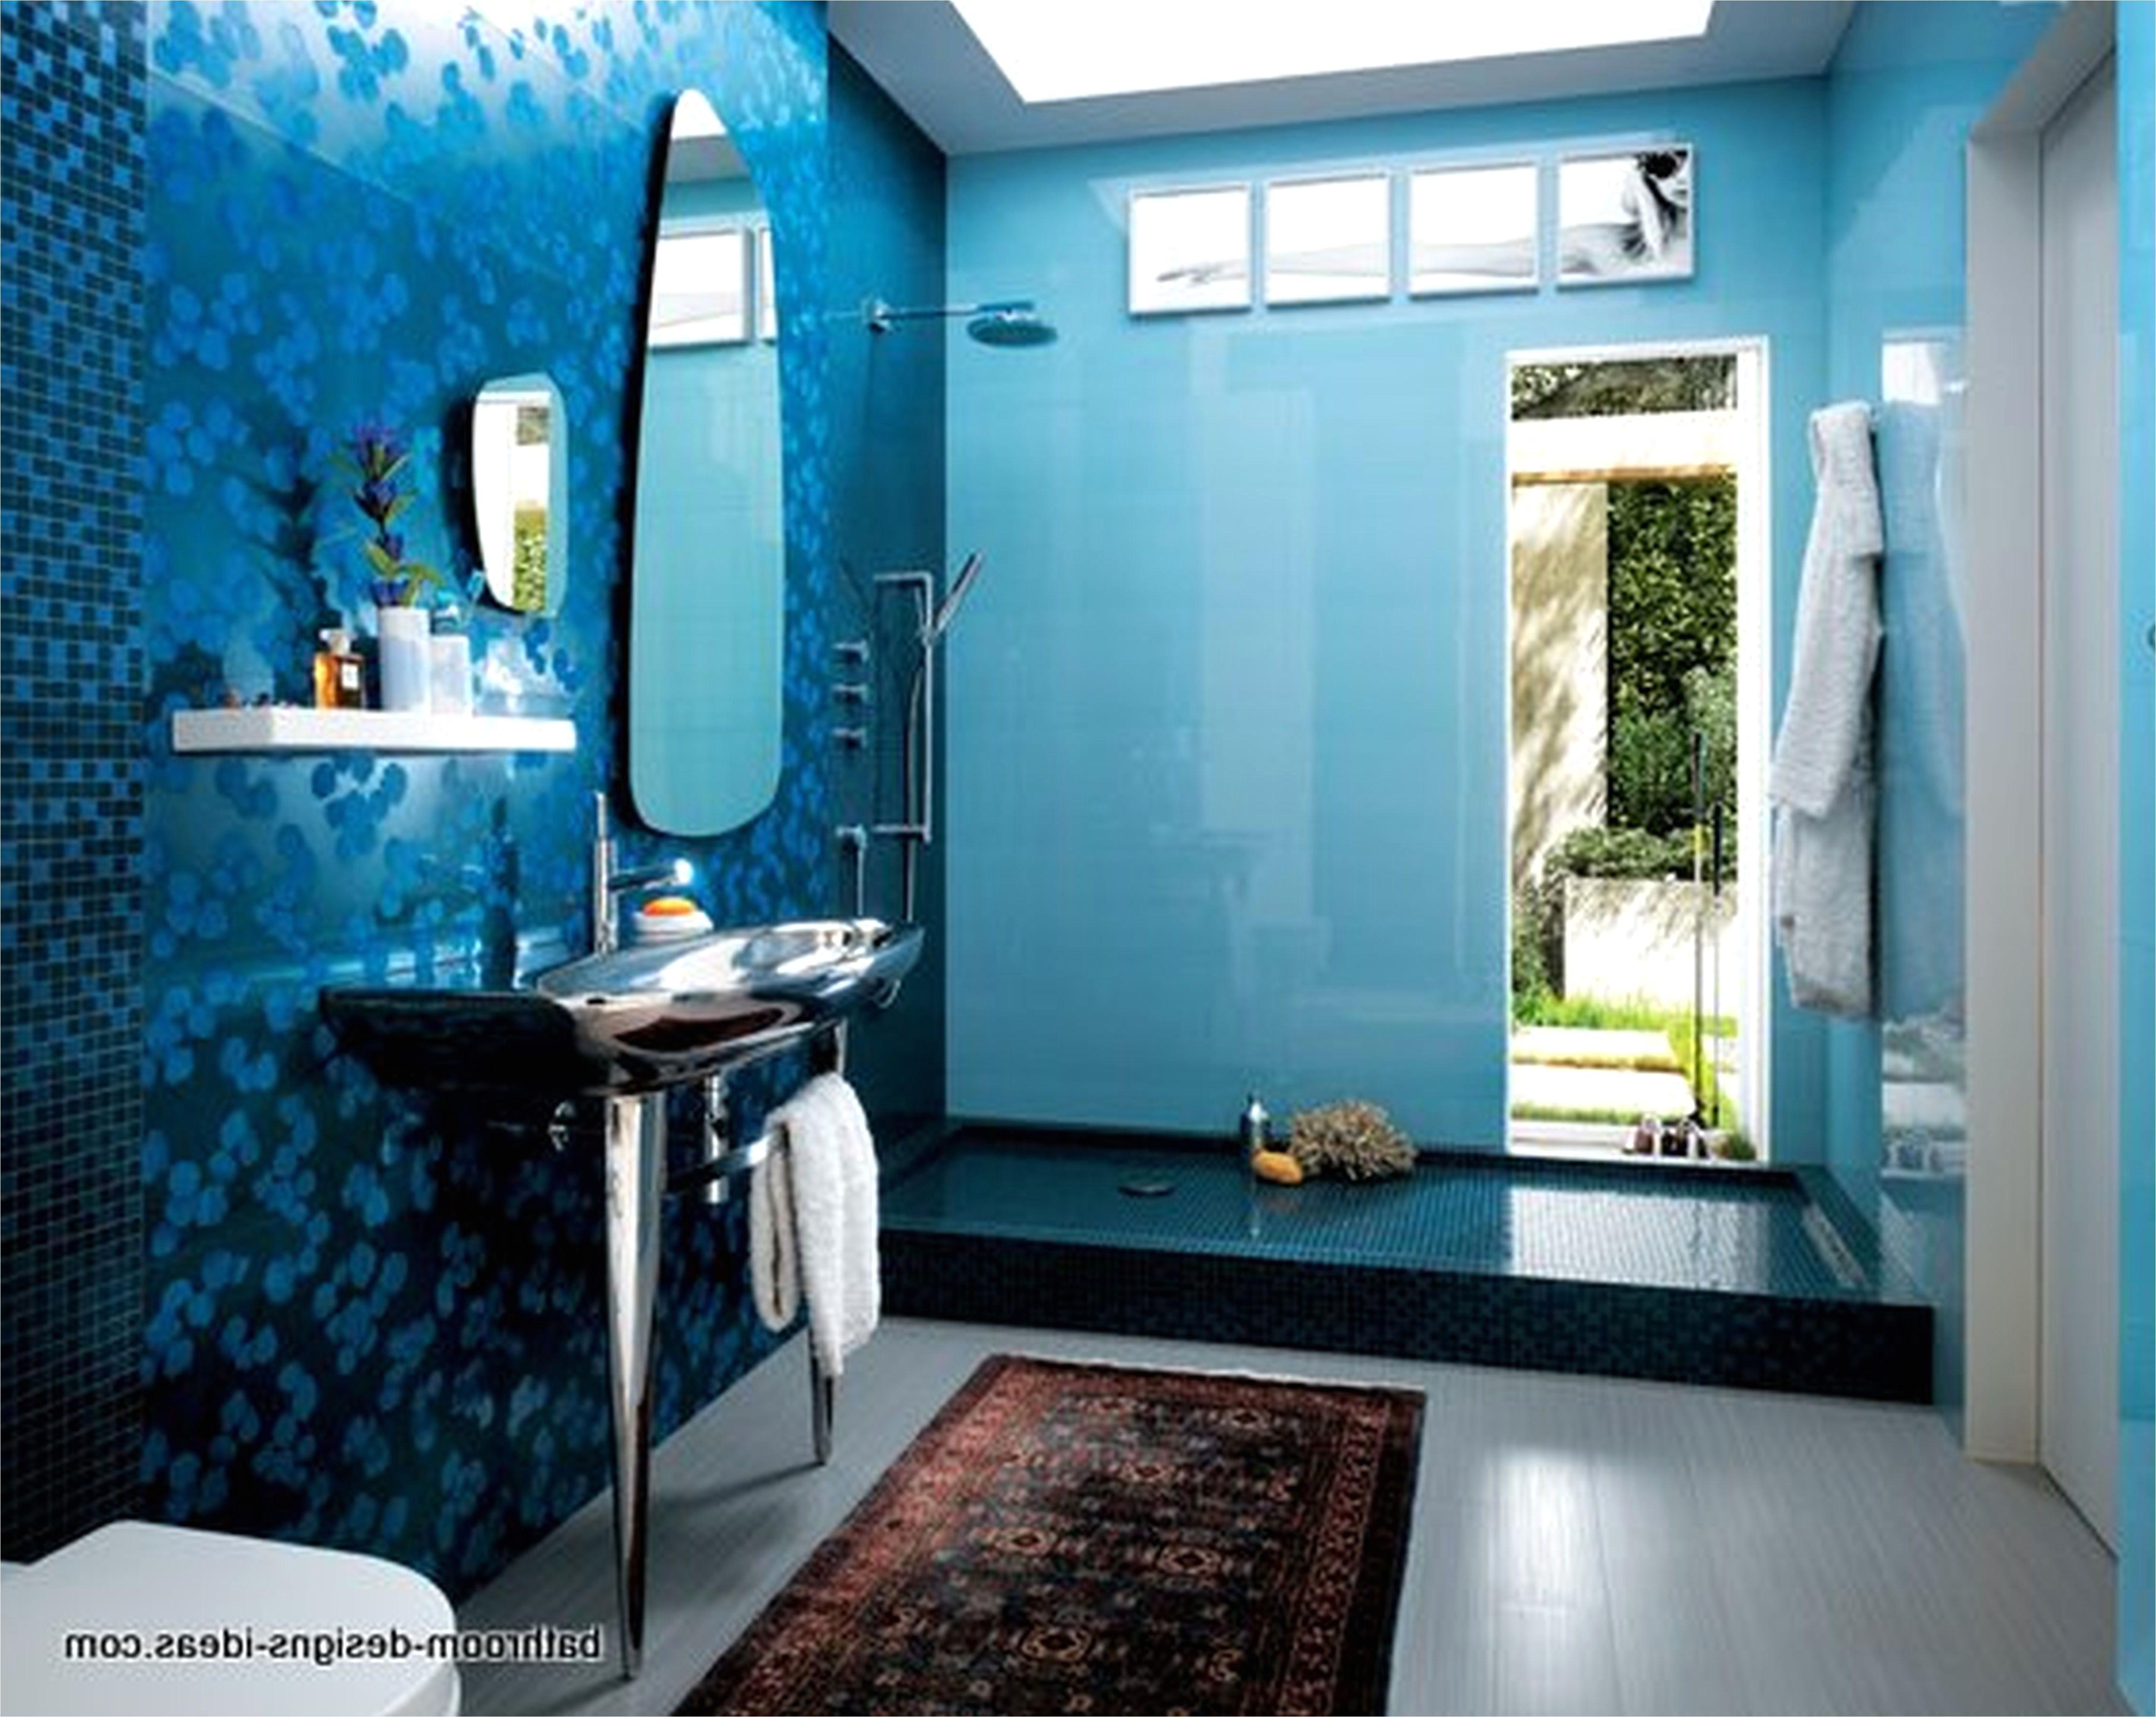 Bathroom Design Ideas Inspirational Small Spa Bathroom Design Ideas Awesome Bathroom Picture Ideas